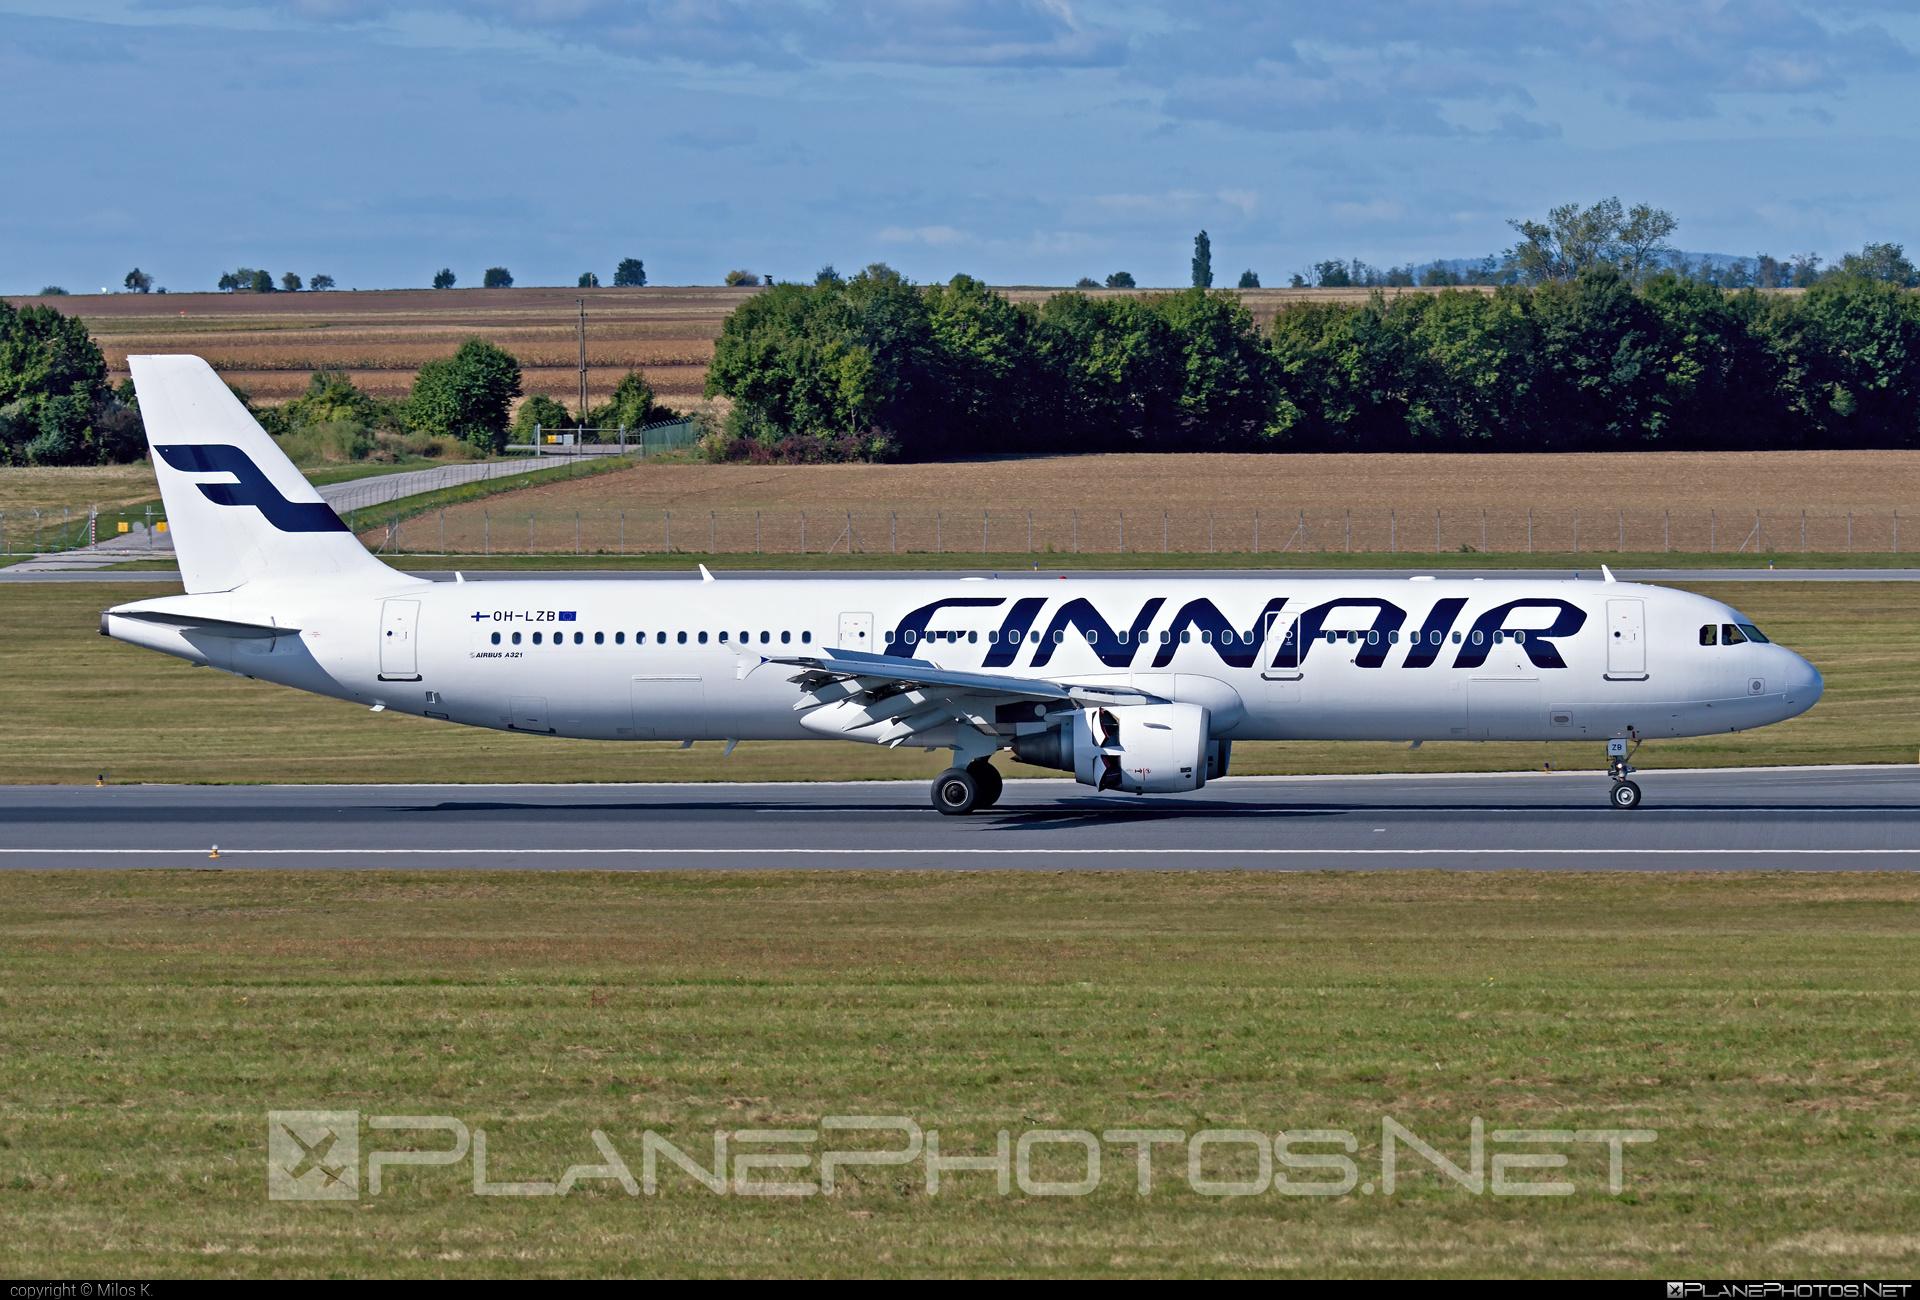 Airbus A321-211 - OH-LZB operated by Finnair #a320family #a321 #airbus #airbus321 #finnair